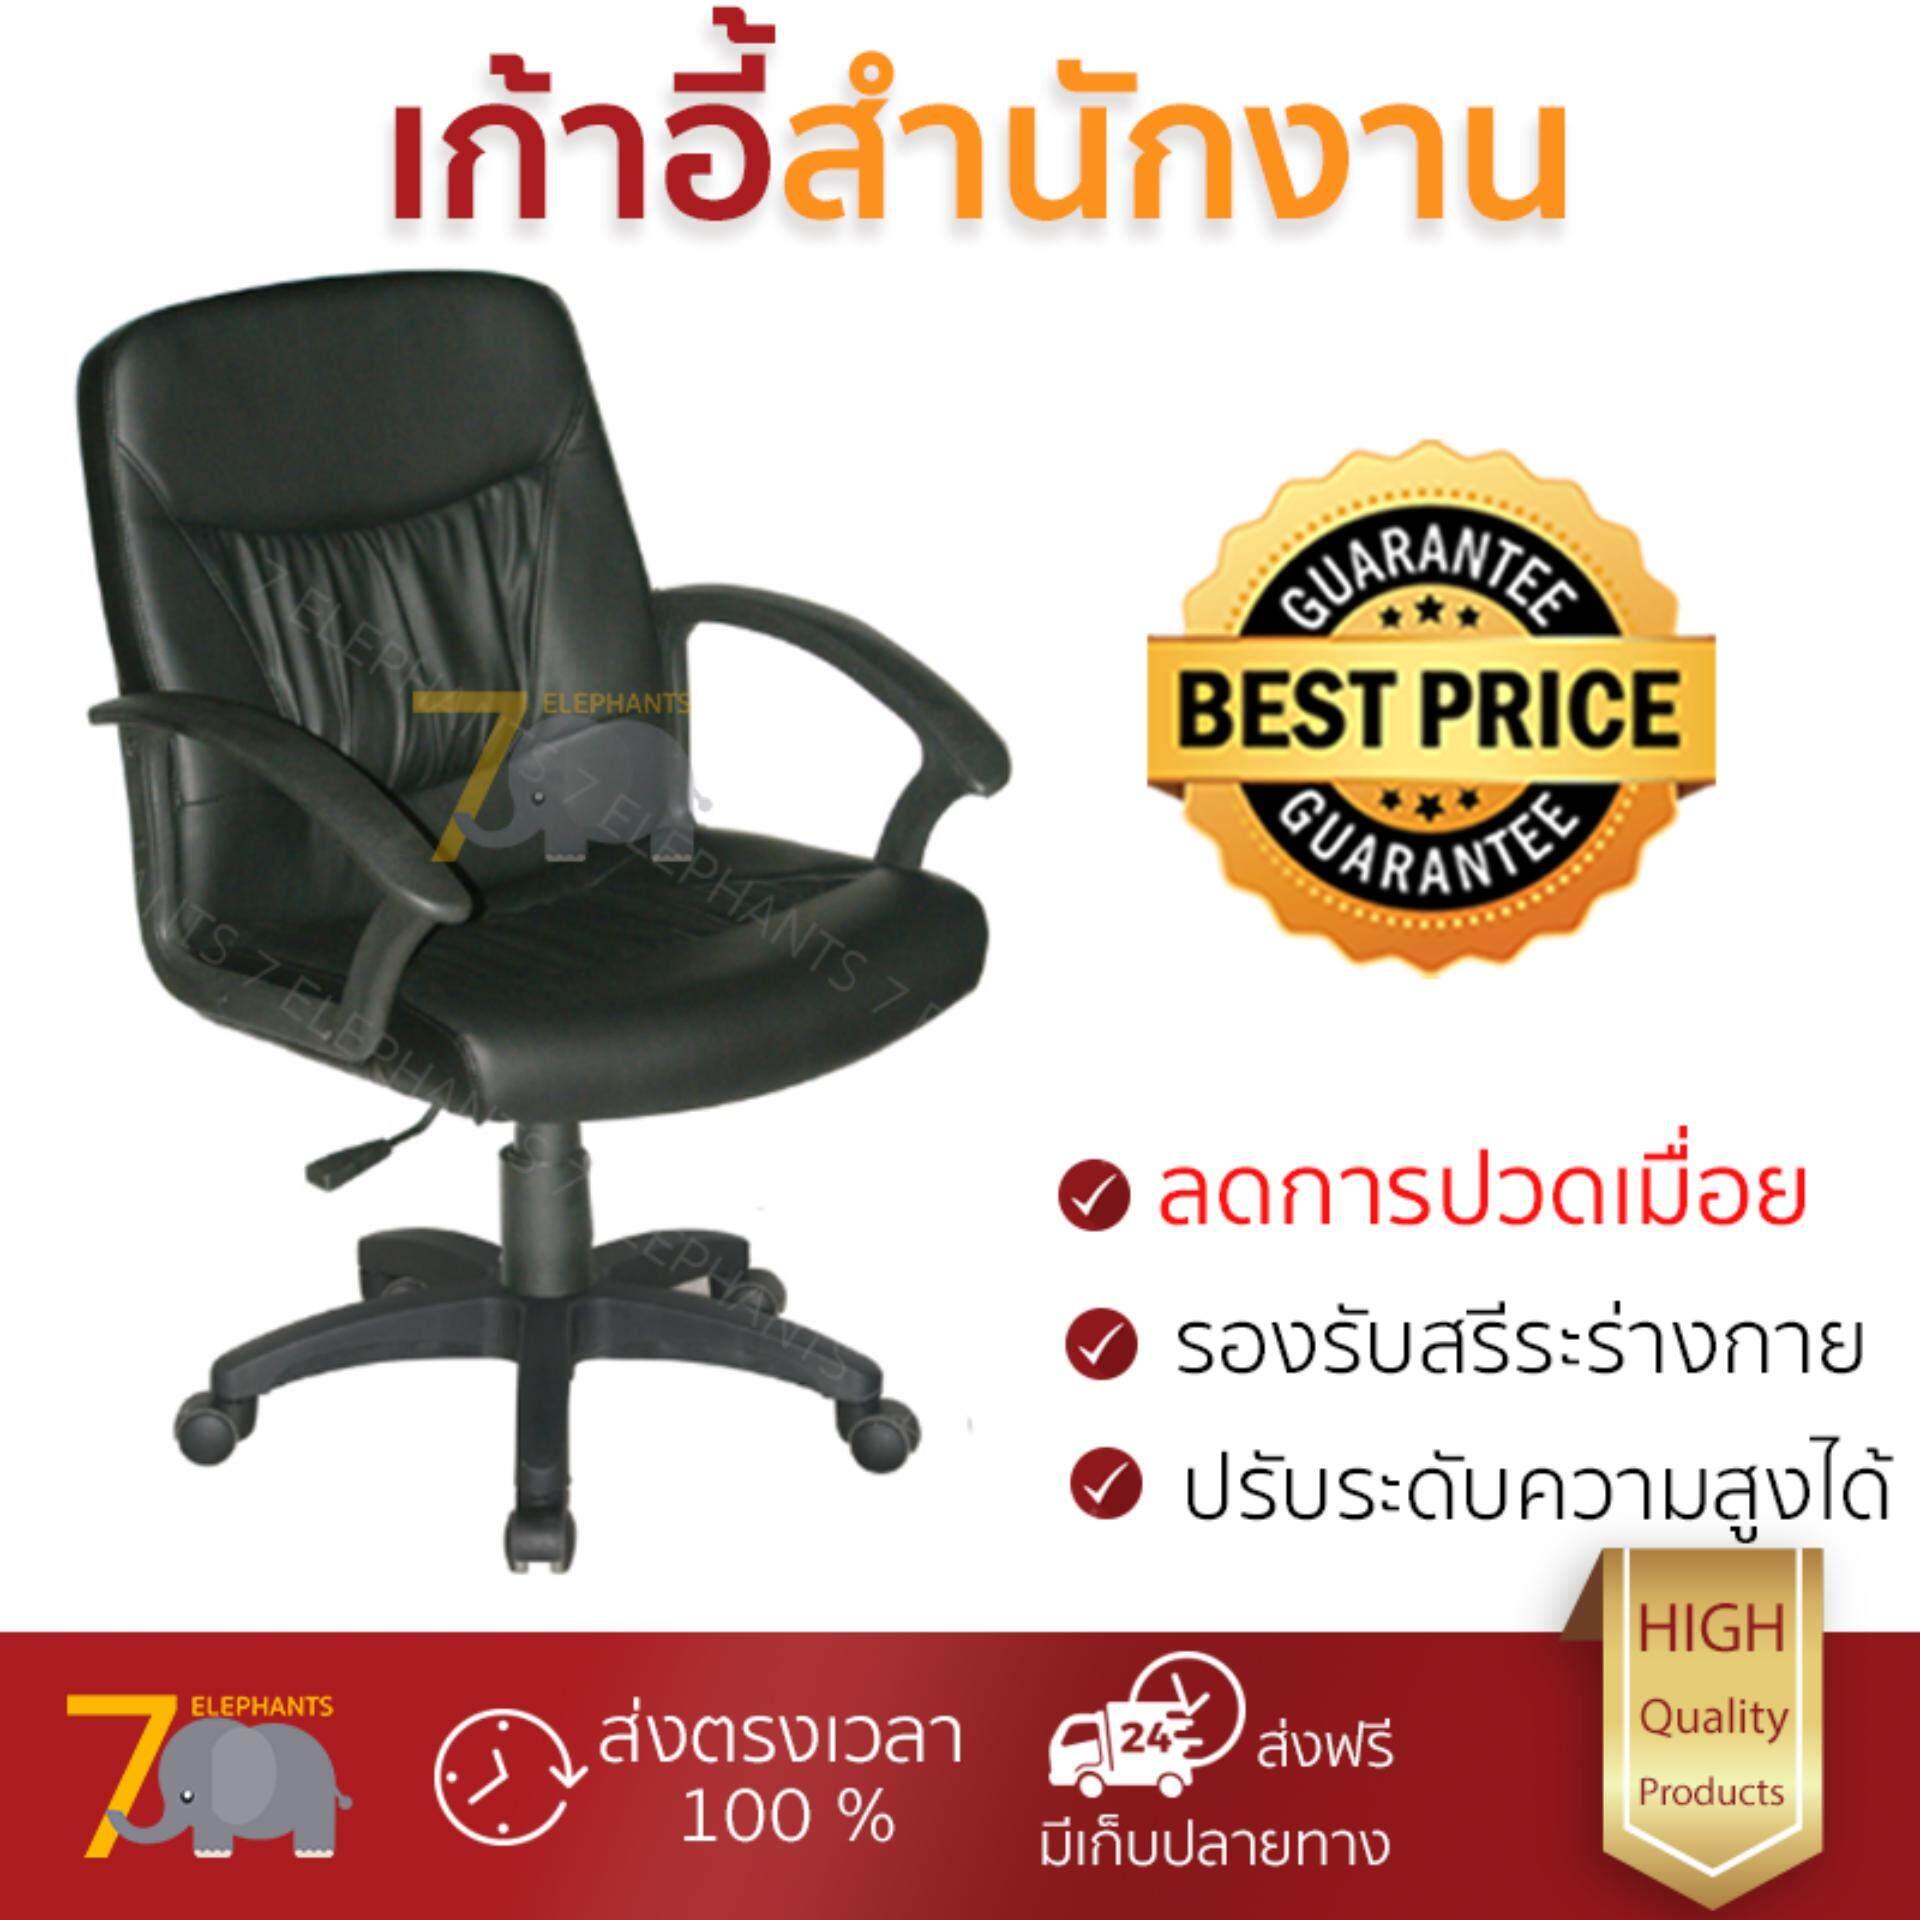 ลดสุดๆ ราคาพิเศษ เก้าอี้ทำงาน เก้าอี้สำนักงาน SMITH เก้าอี้สำนักงานLK223B01 สีดำ ลดอาการปวดเมื่อยลำคอและไหล่ เบาะนุ่มกำลังดี นั่งสบาย ไม่อึดอัด ปรับระดับความสูงได้ Office Chair จัดส่งฟรี kerry ทั่วประ